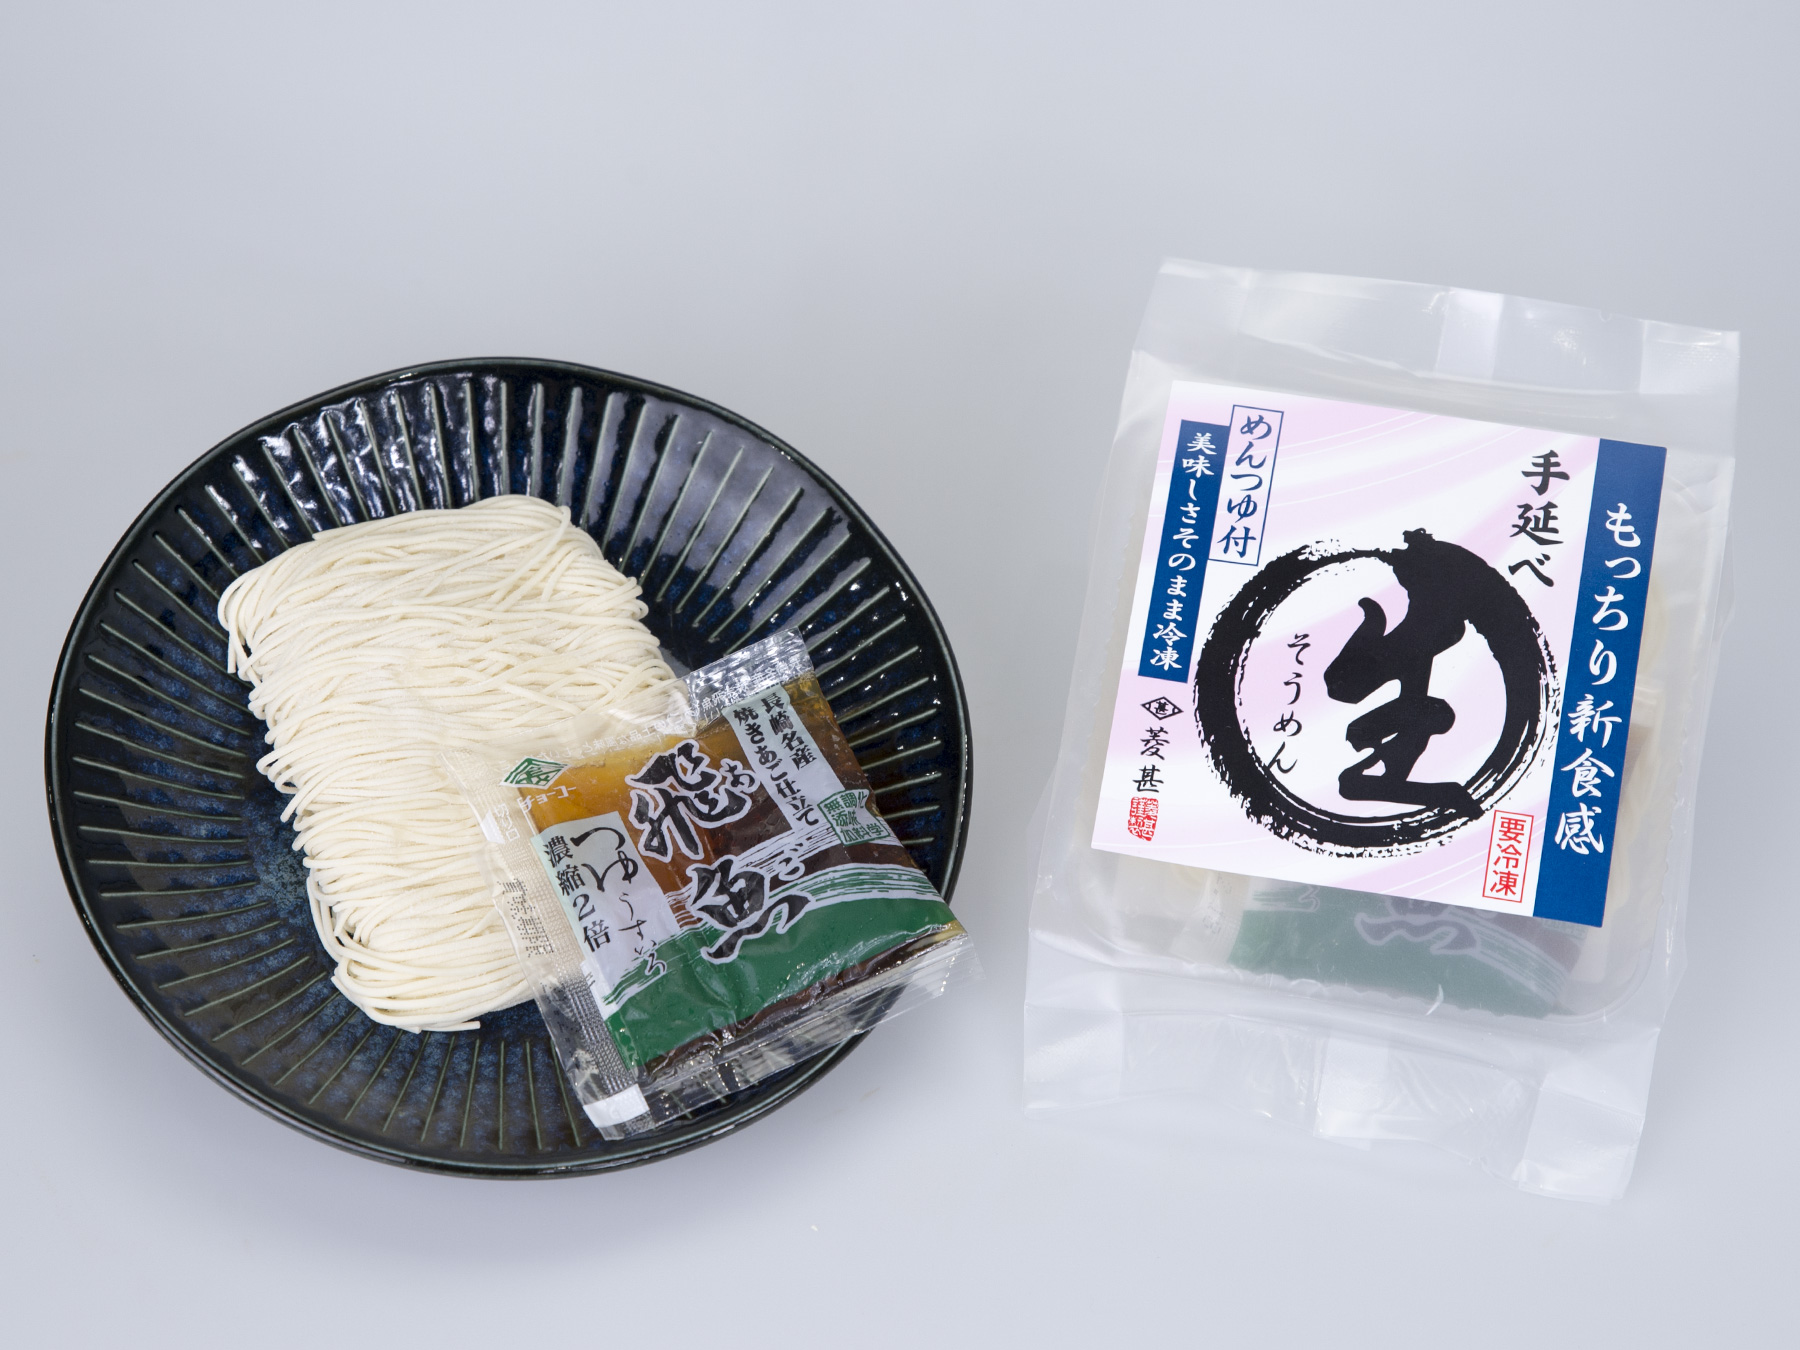 冷凍 島原手延べ生素麺 10個入